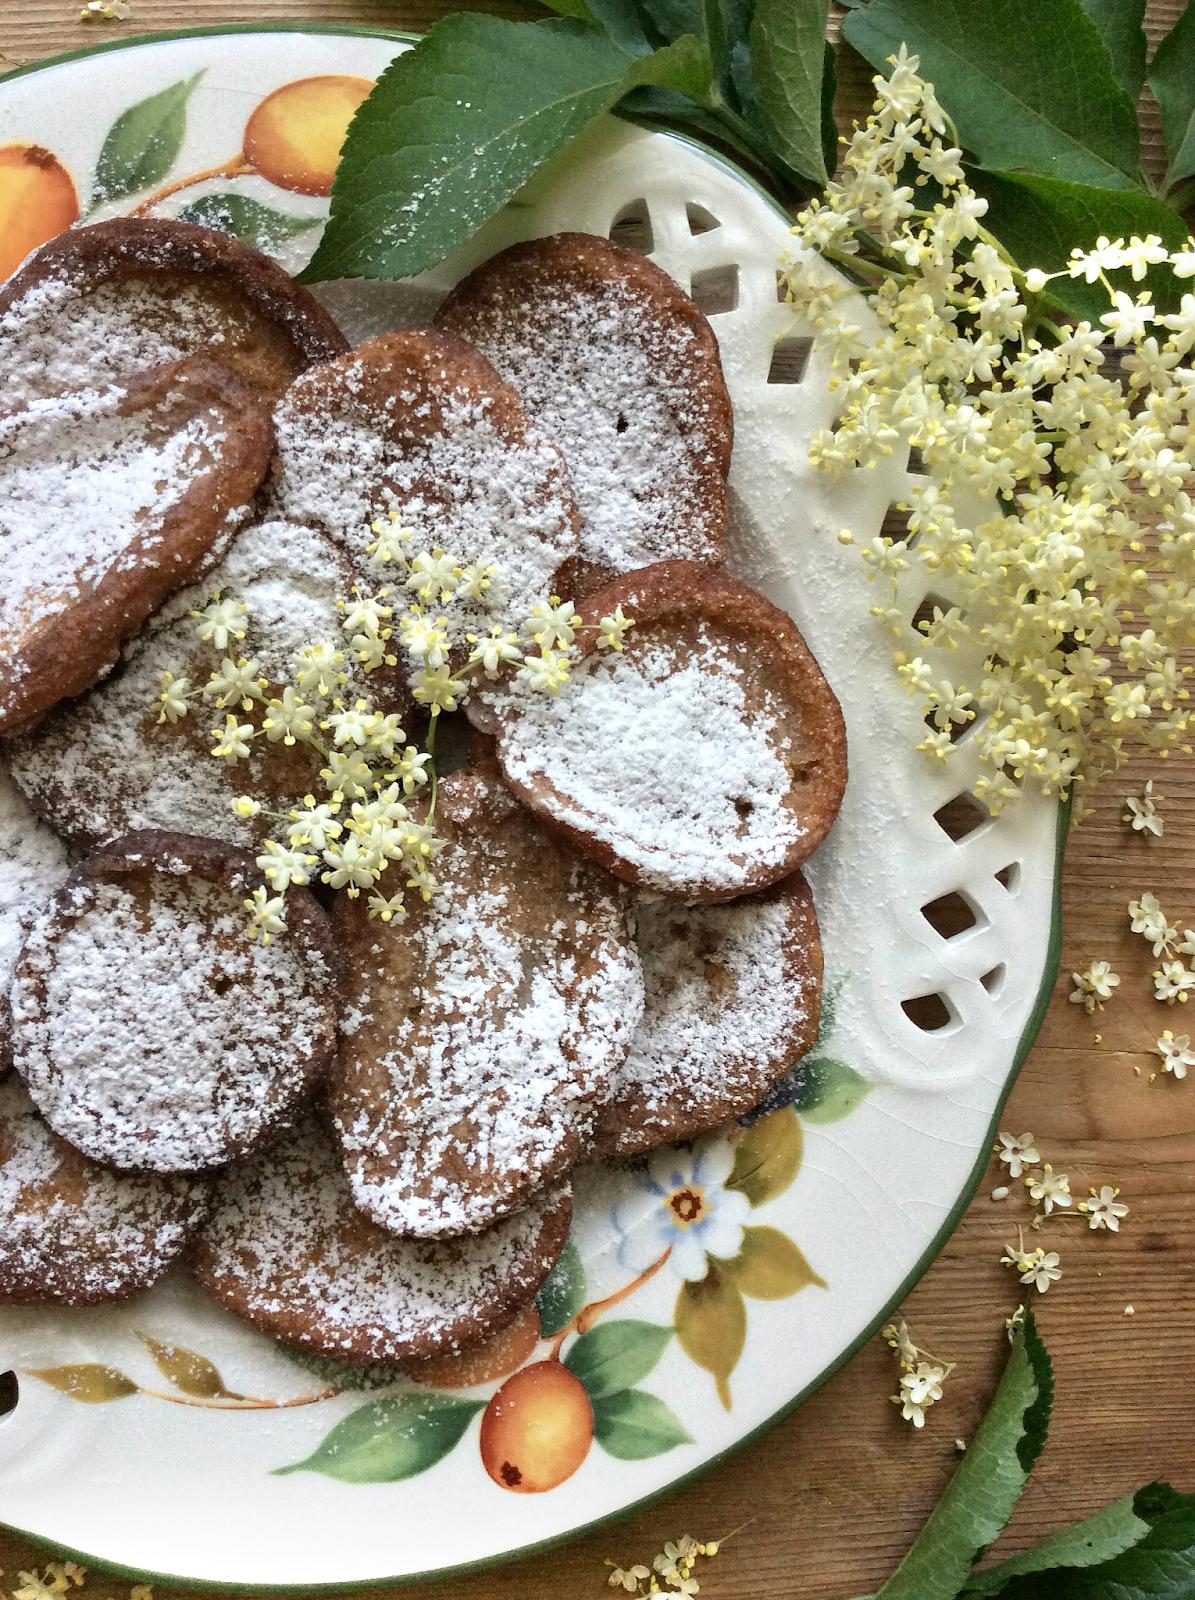 dolci con i fiori dl sambuco